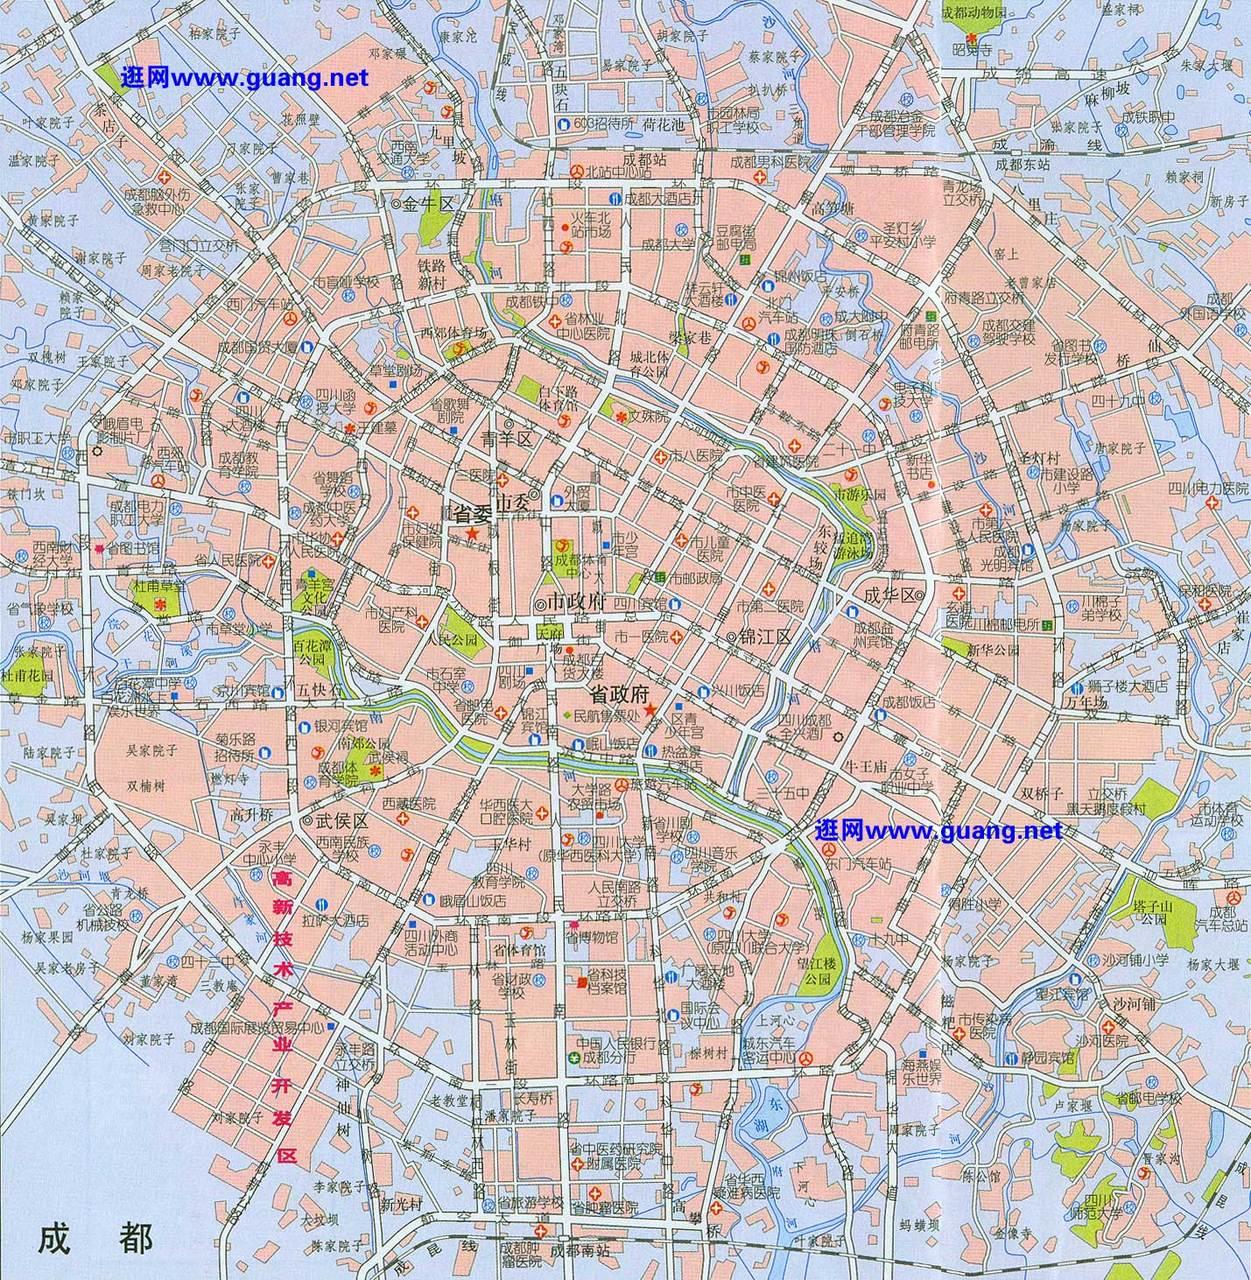 成都市地图全图高清版 成都市地图全图 成都市地图全图大图